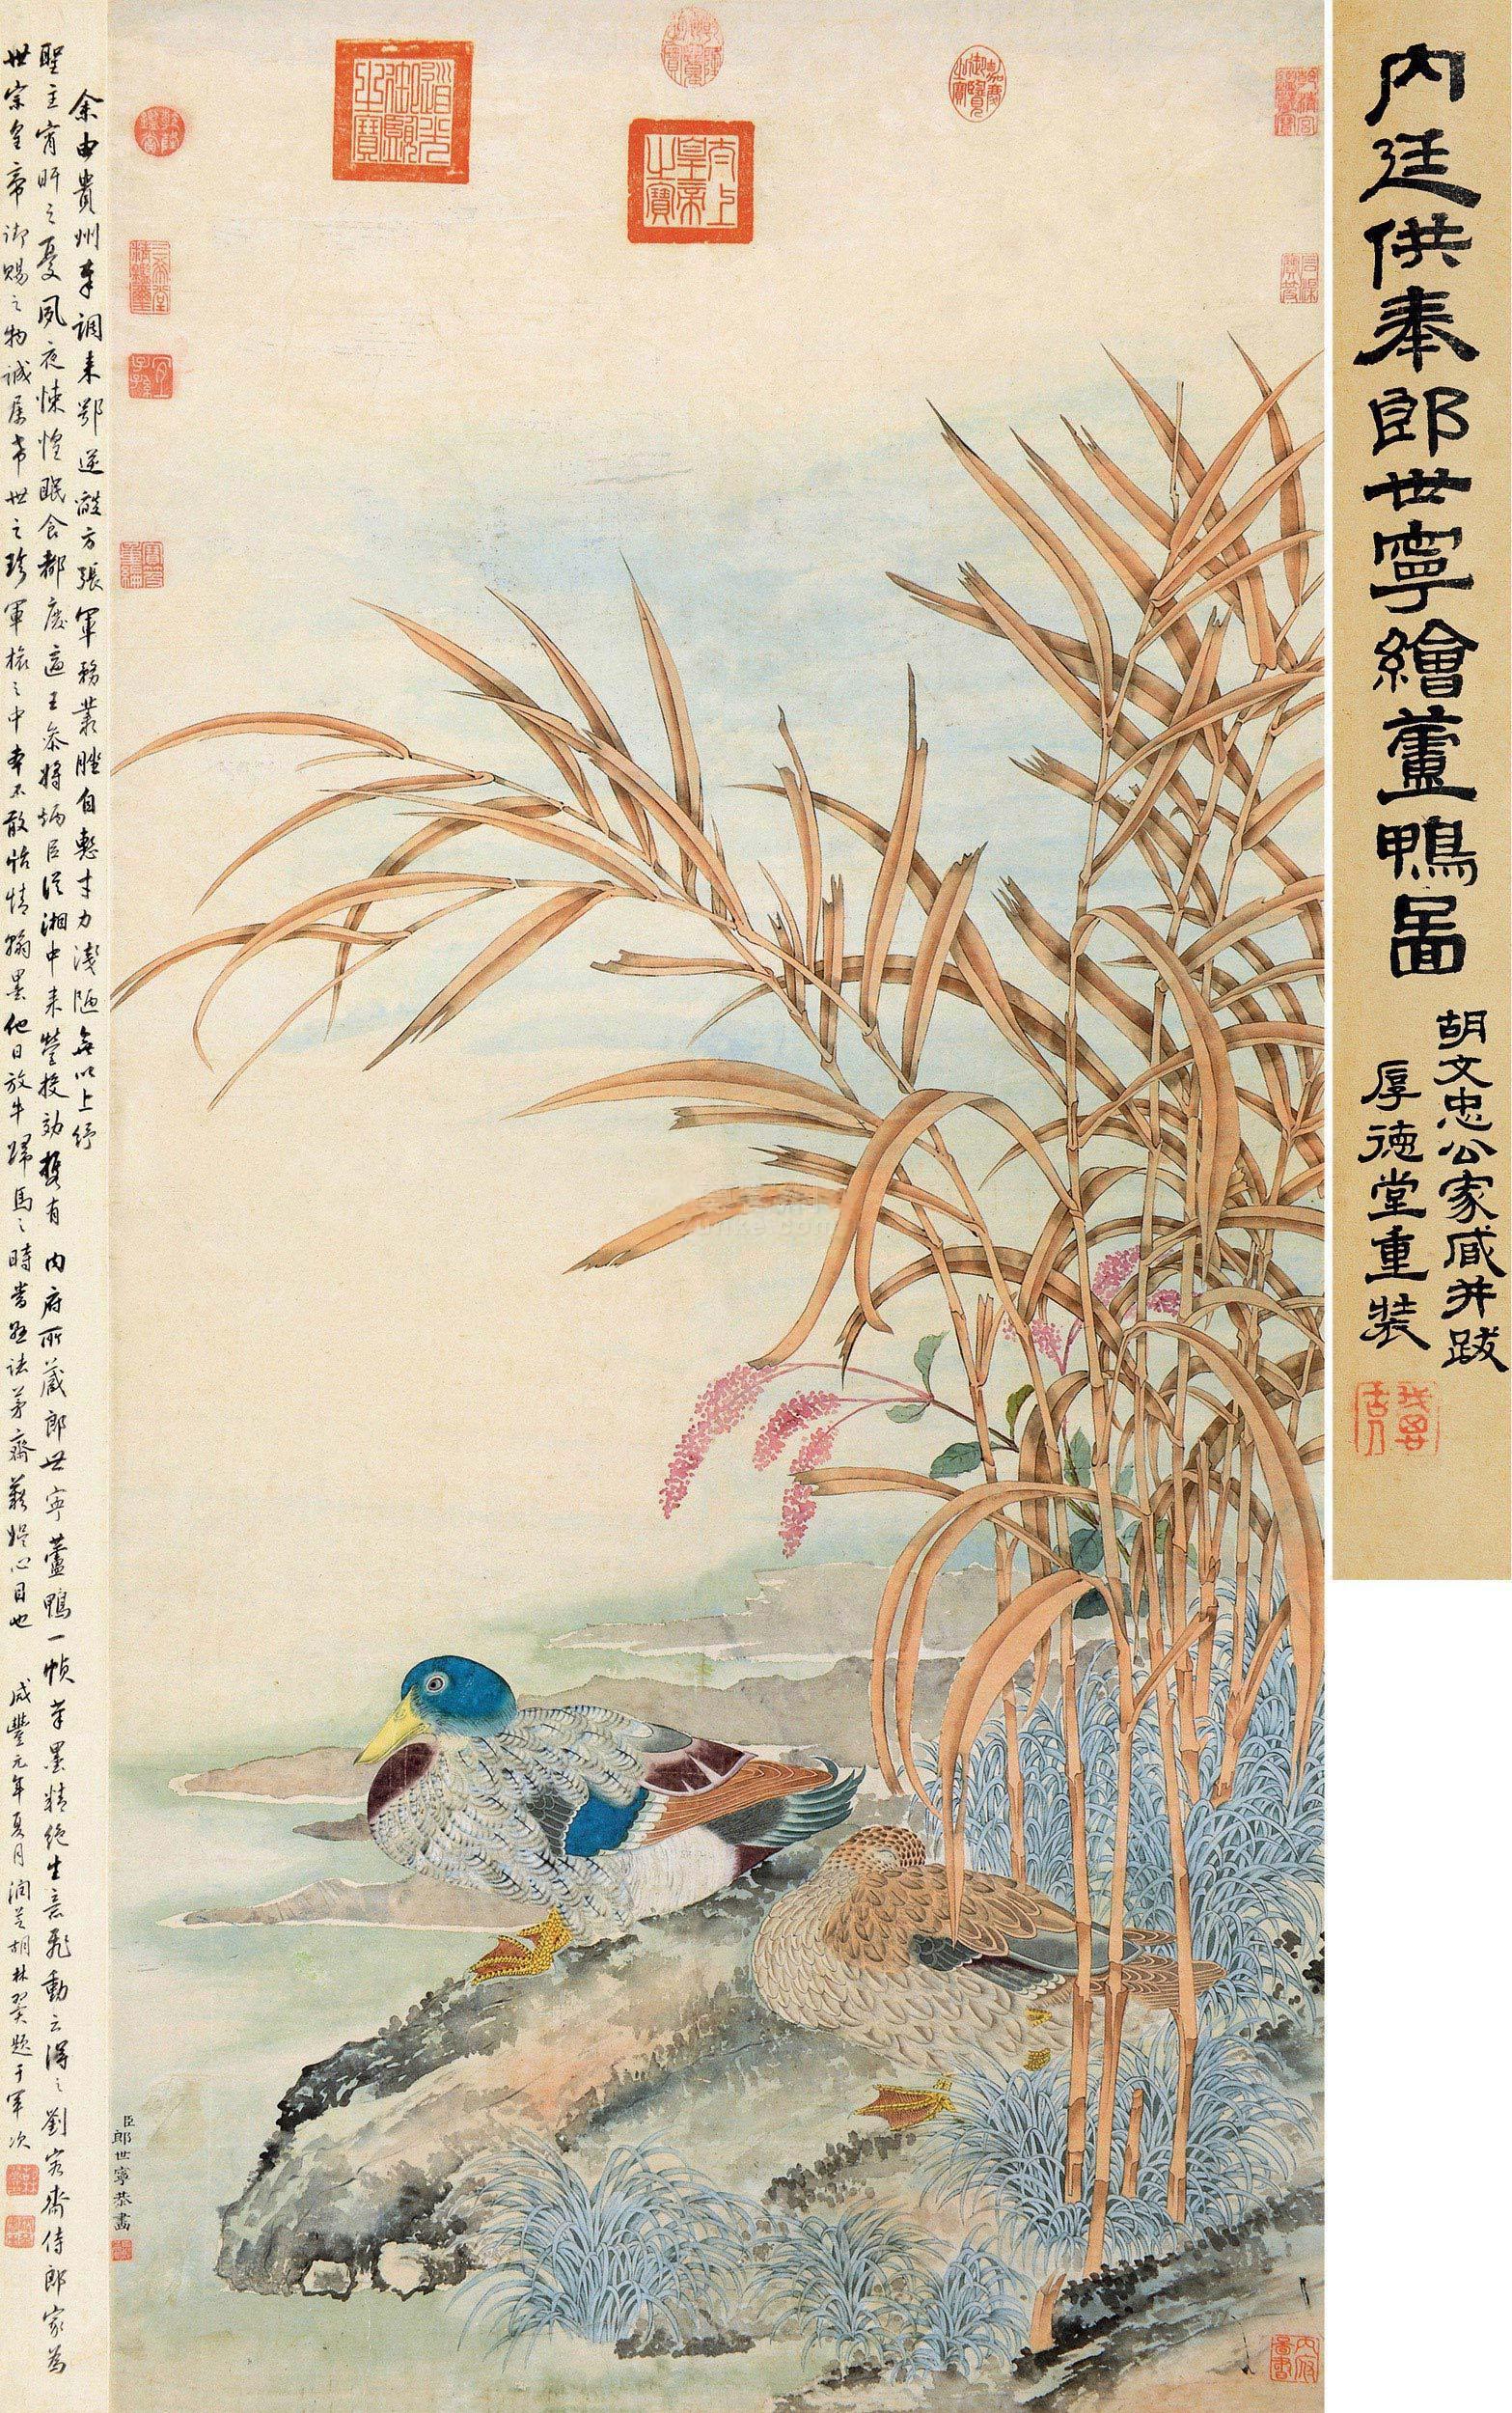 郎世宁 芦鸭图 立轴 设色纸本作品欣赏